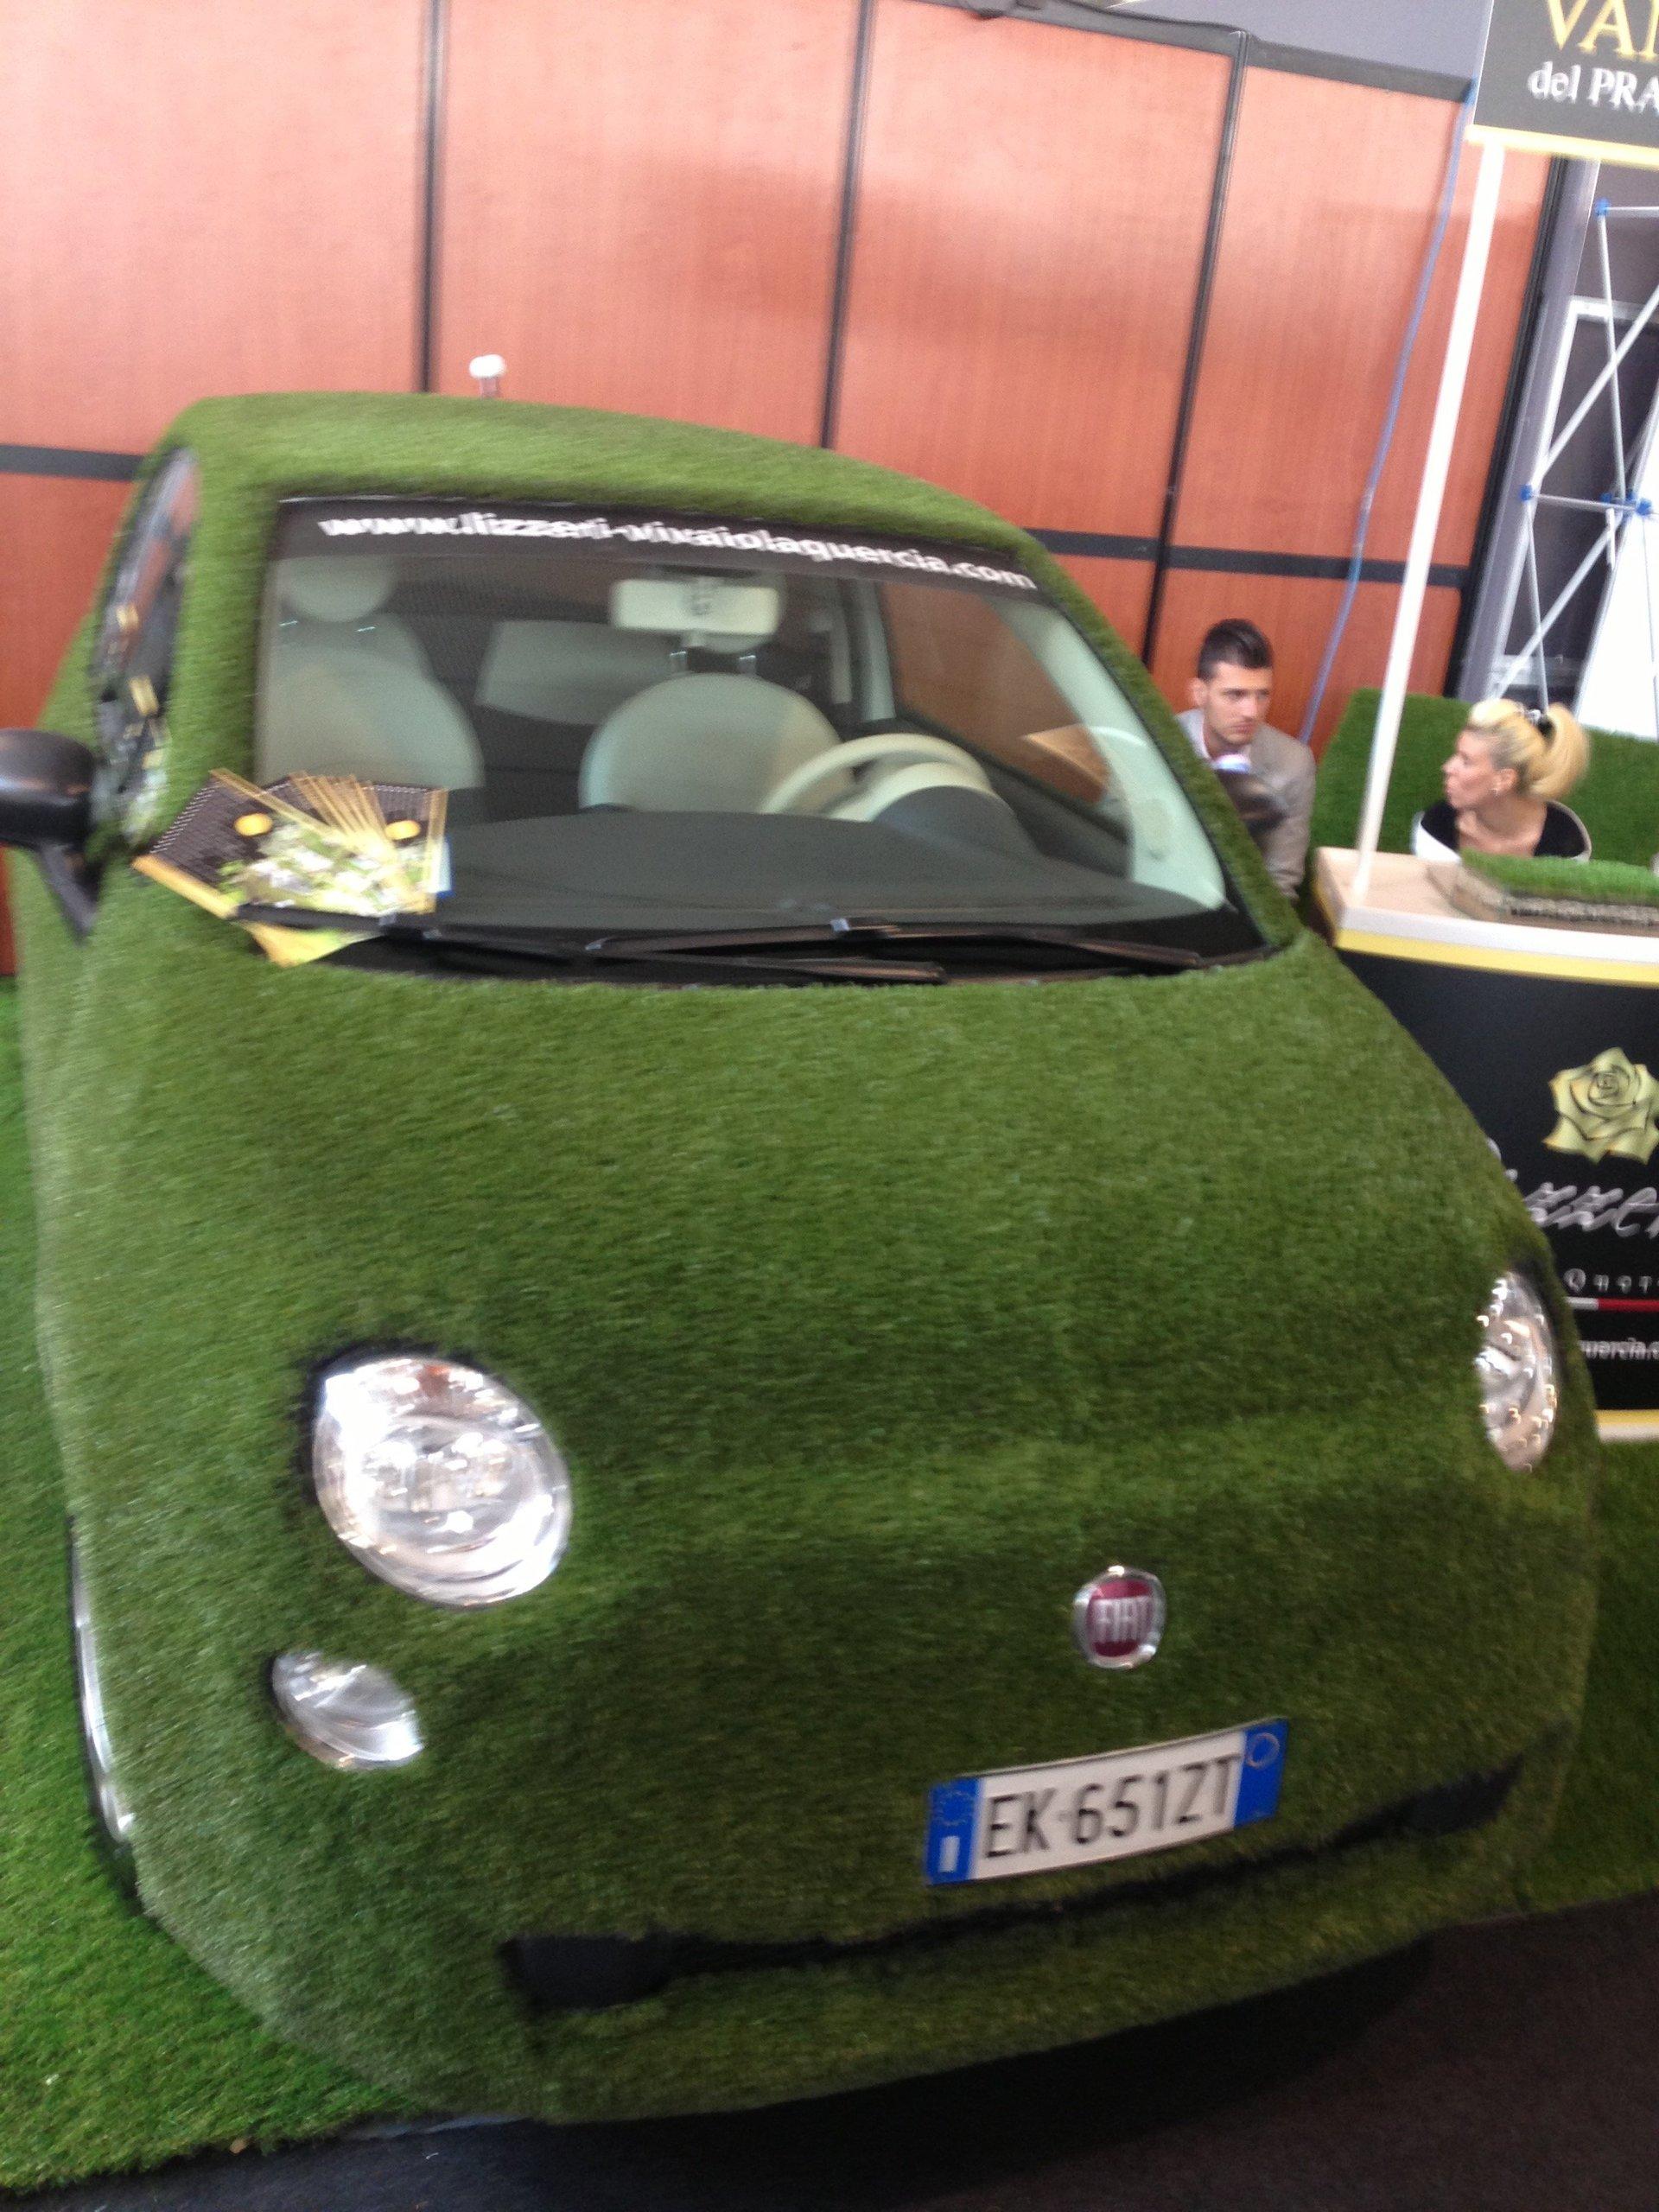 Scocca di un'auto coperta con manto erboso